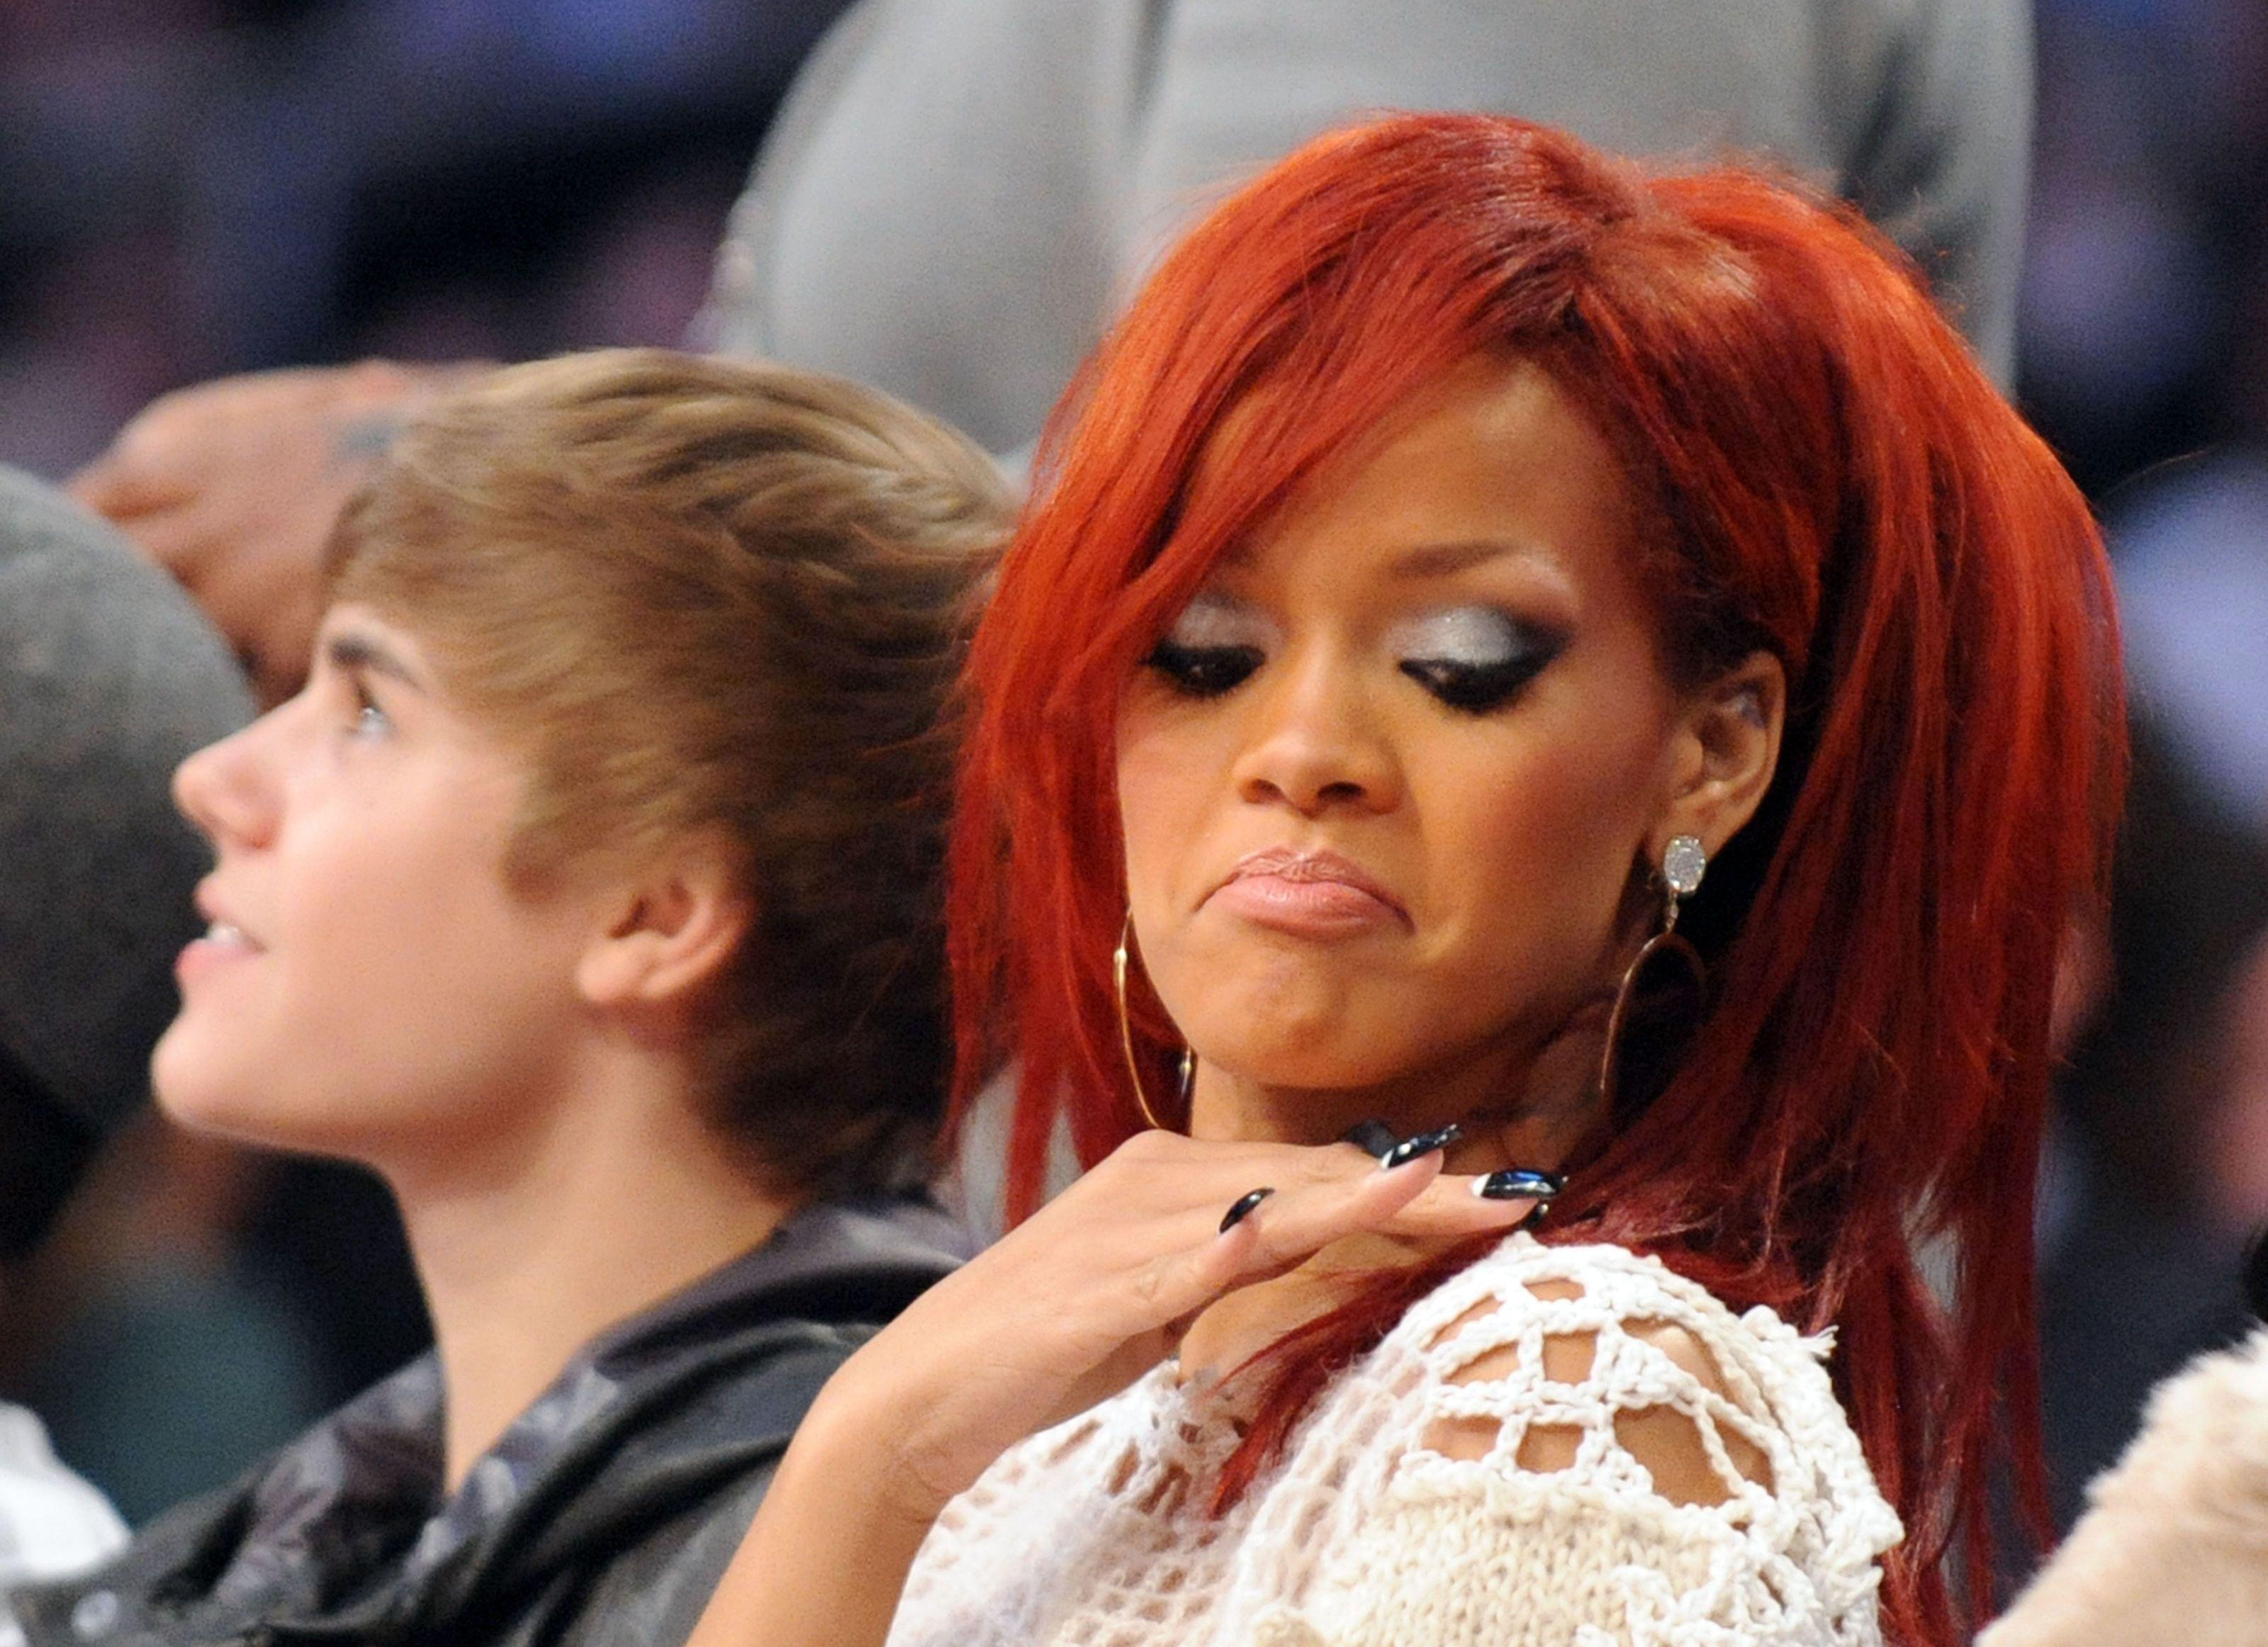 Justin Bieber Posts Epic Instagram of Rihanna Rejecting Him